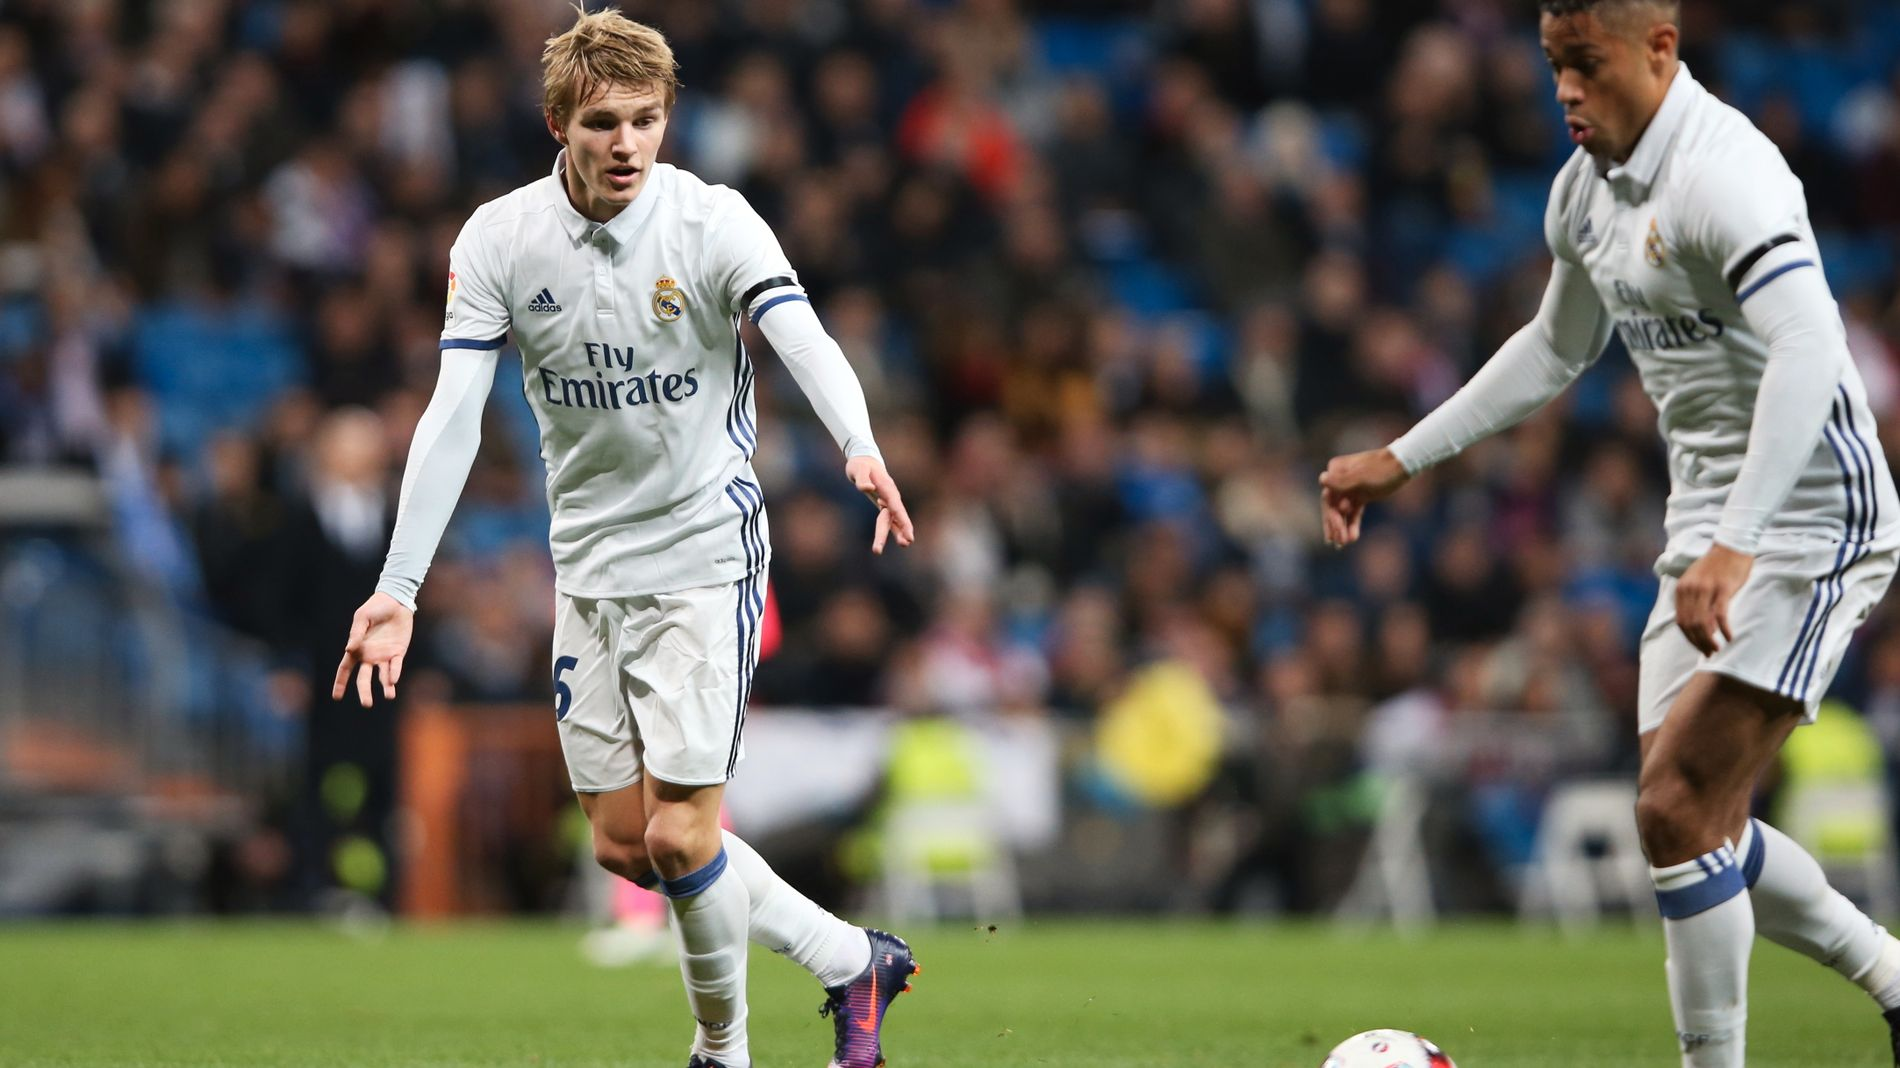 MATCH: Martin Ødegaard (til venstre) venter på å få ballen fra lagkamerat Mariano i fotballkampen mot Cultural y Deportiva Leonesa i den spanske cupen i Madrid onsdag.